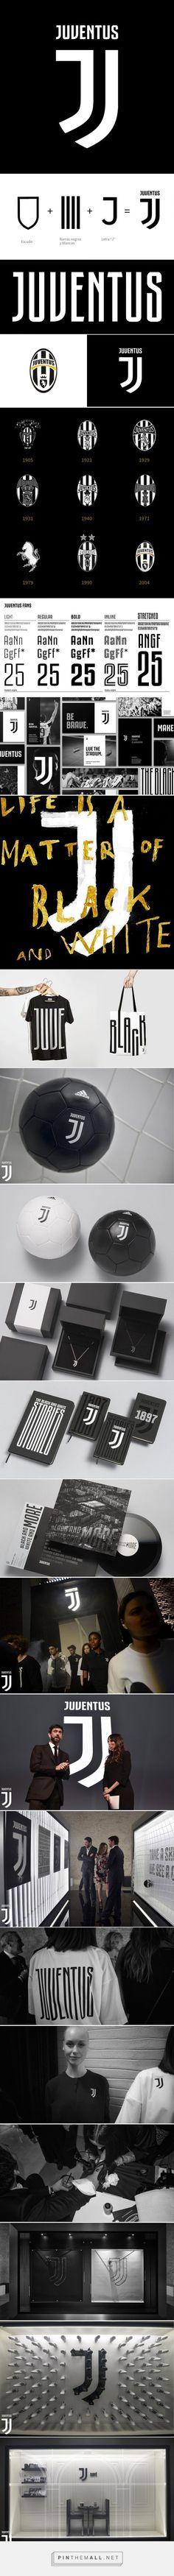 Juventus Rebranding 2017